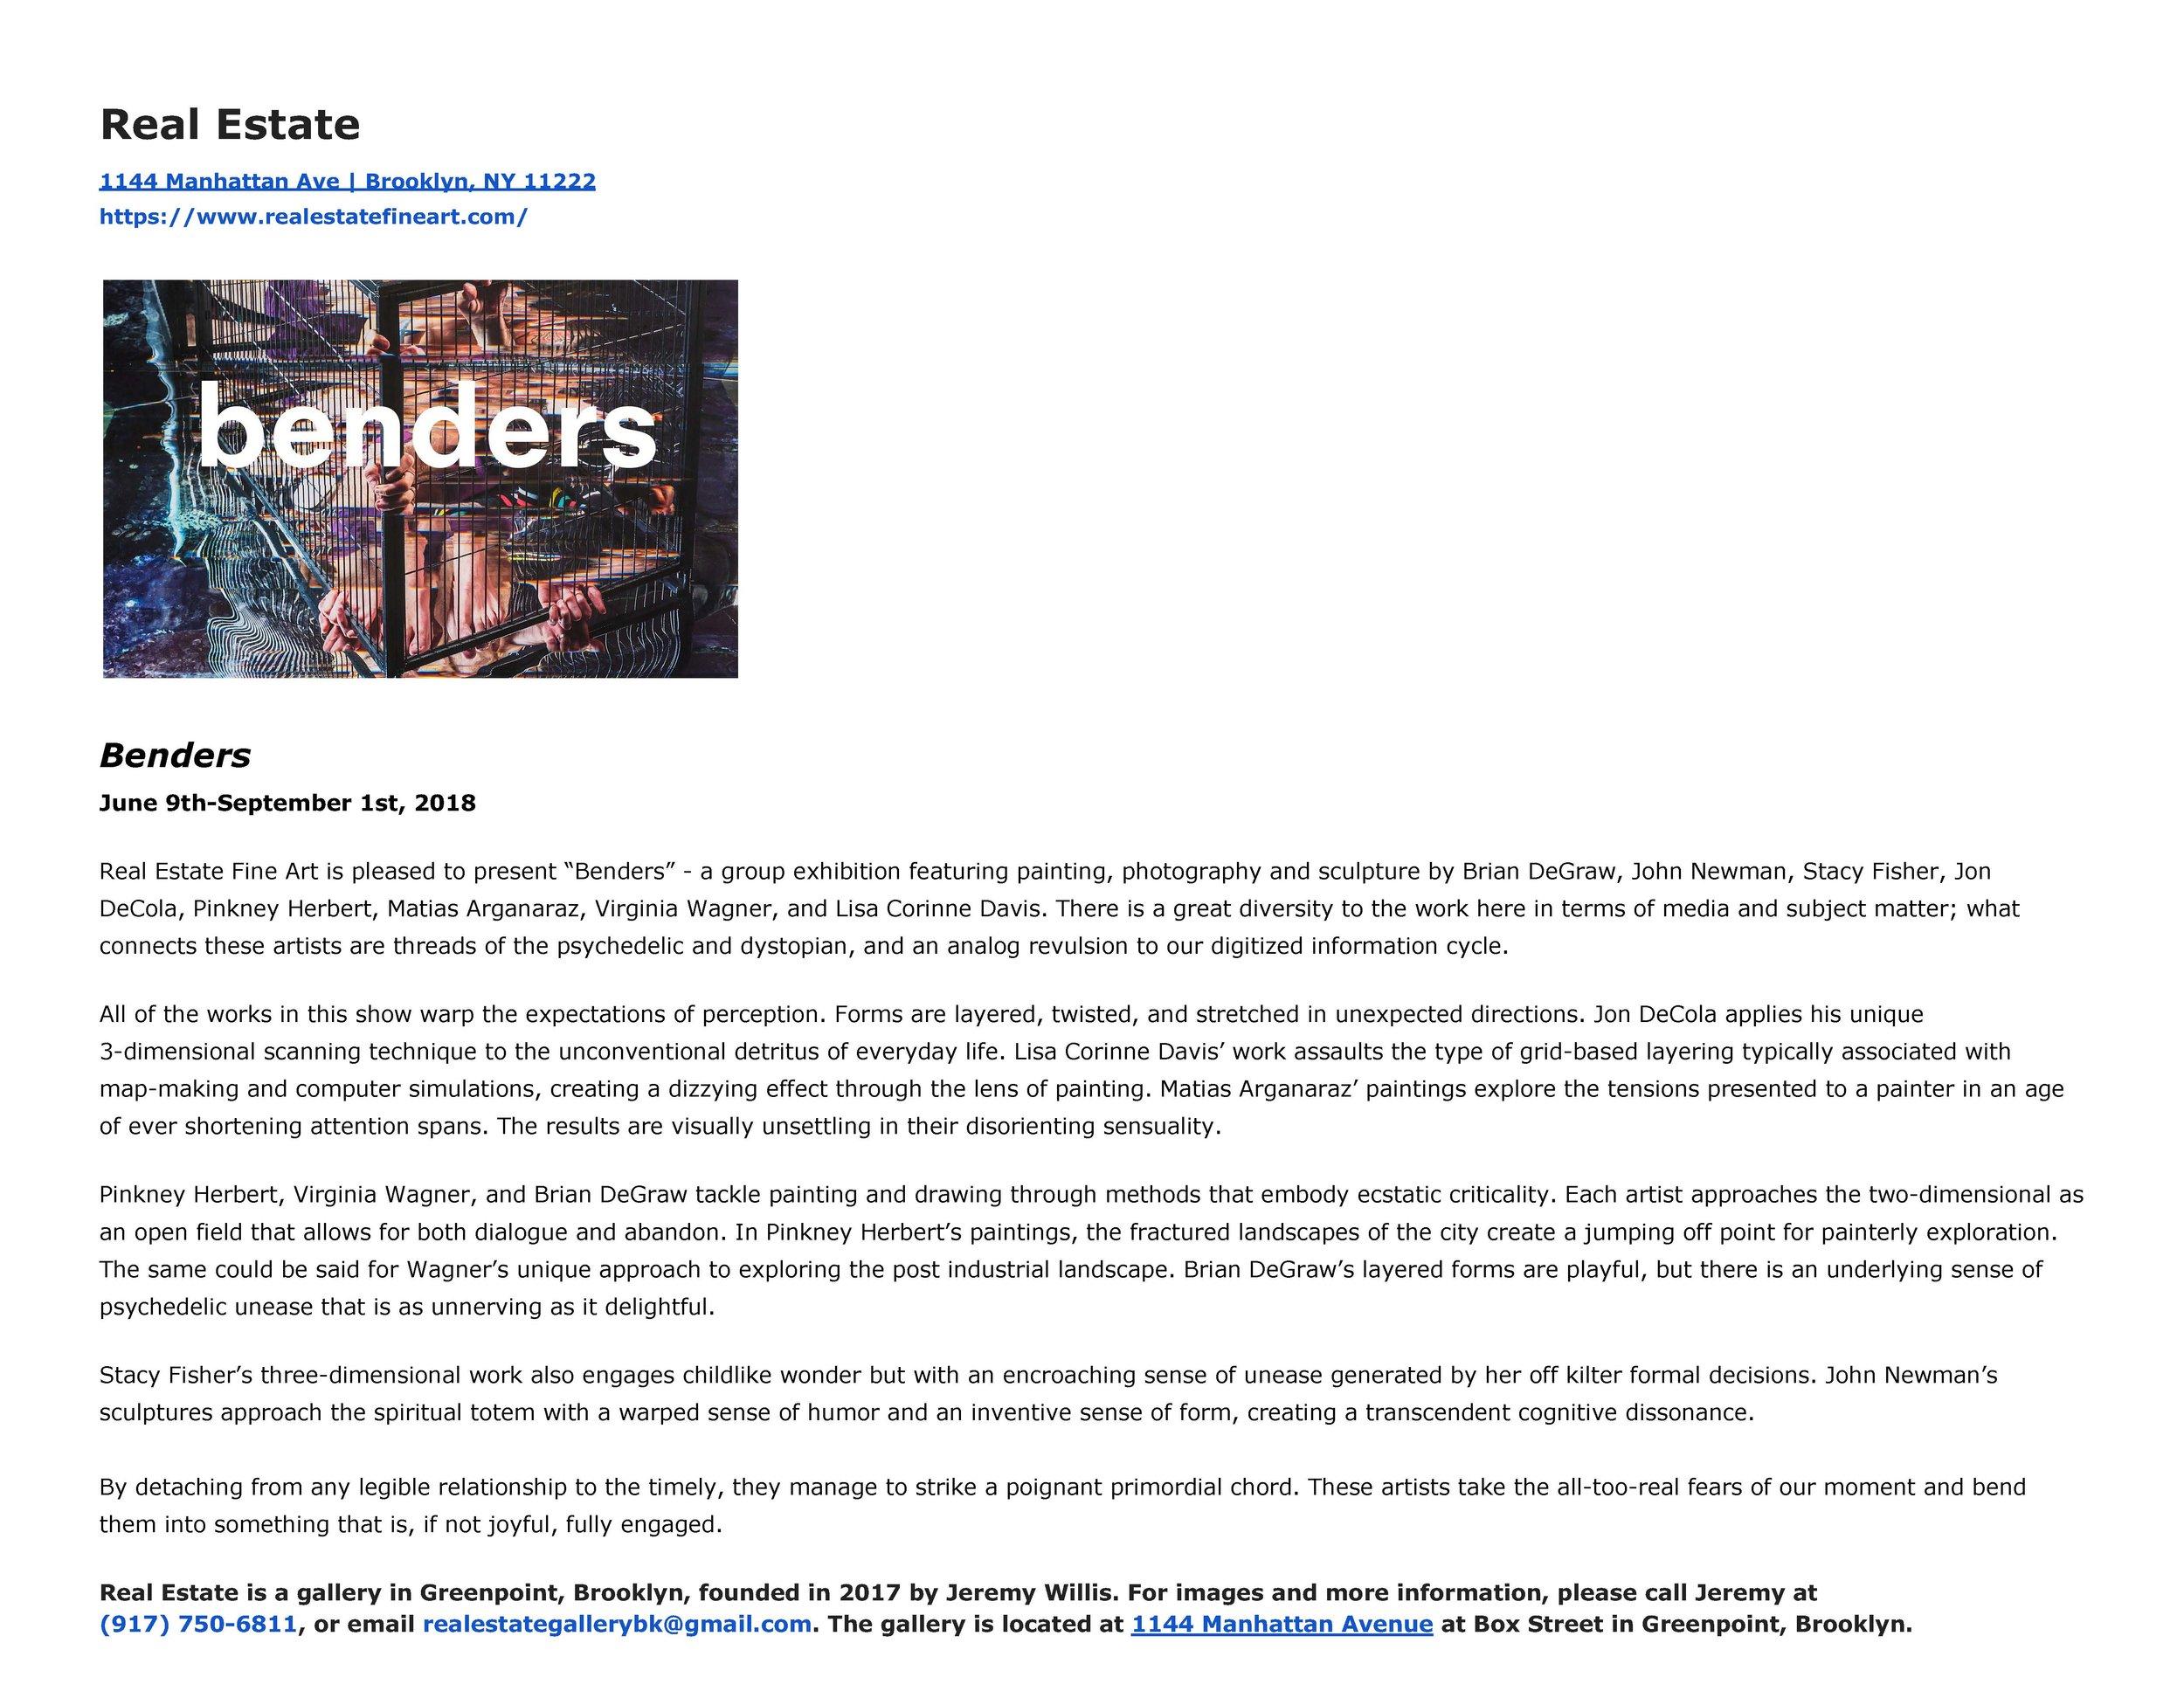 BENDERS PRESS RELEASE.jpg